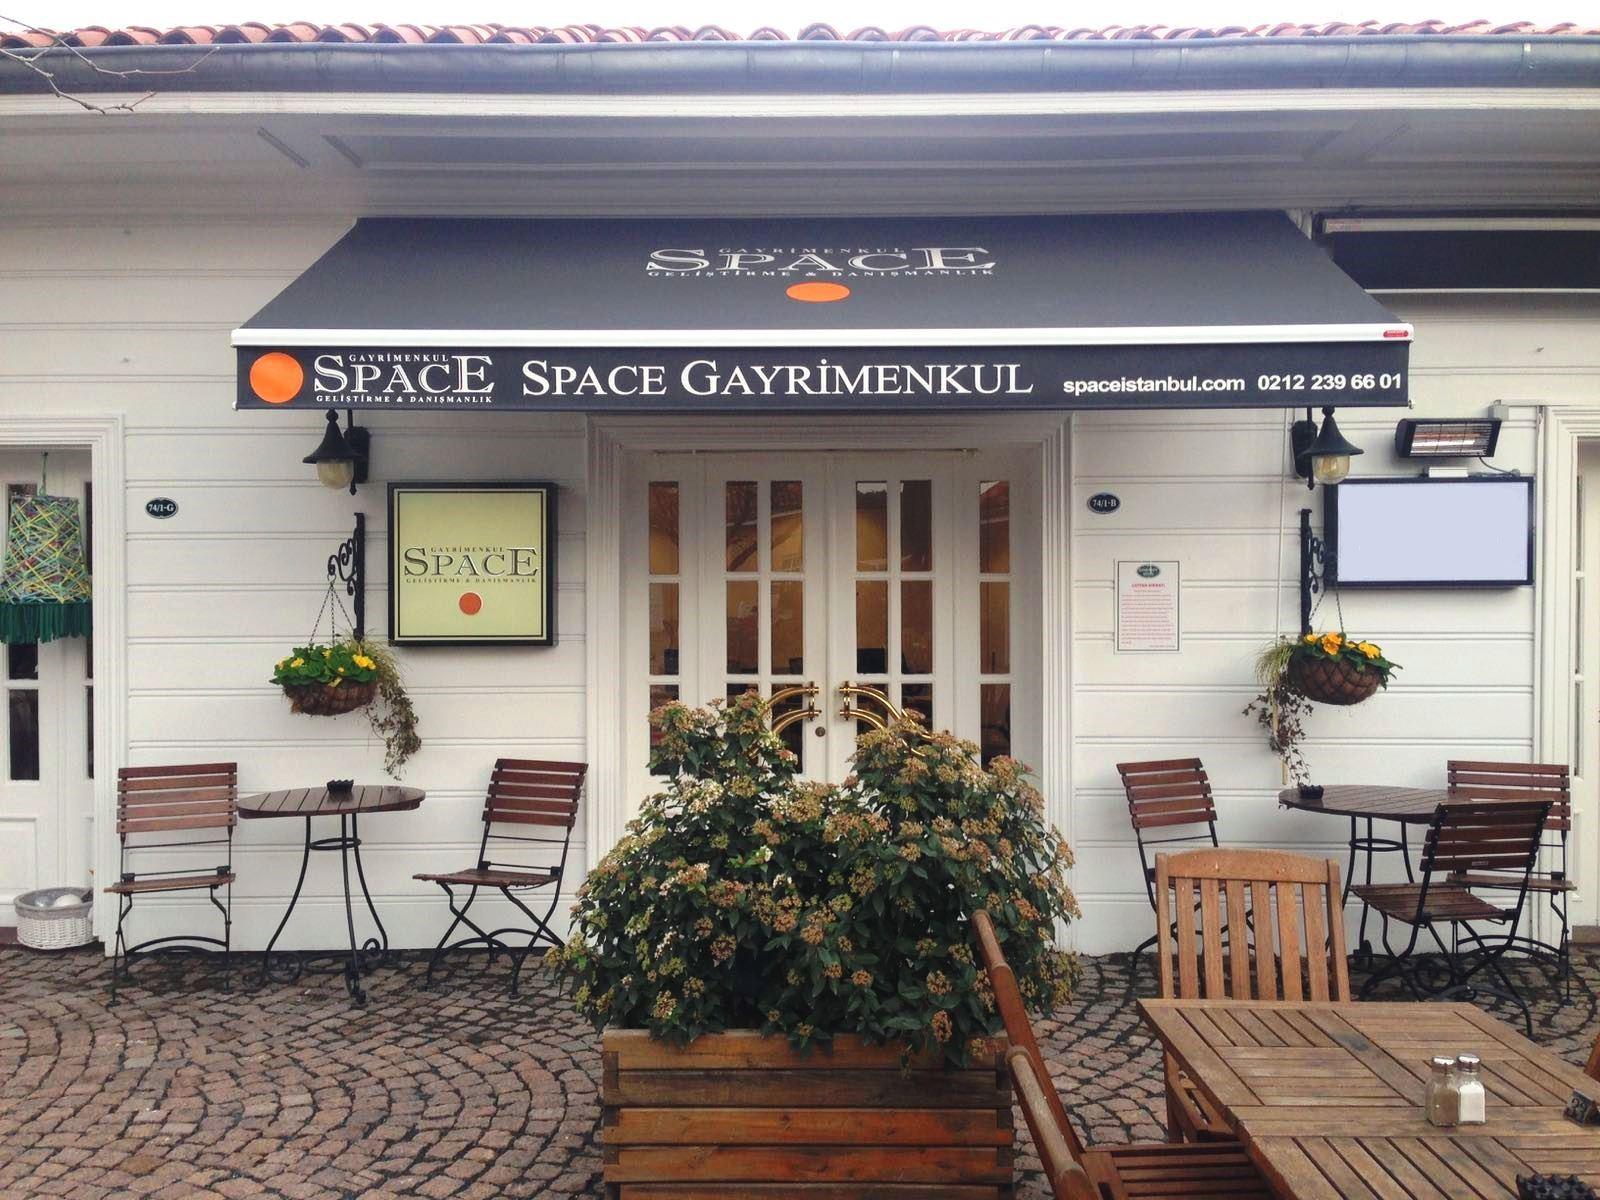 SPACE GÖKTÜRK